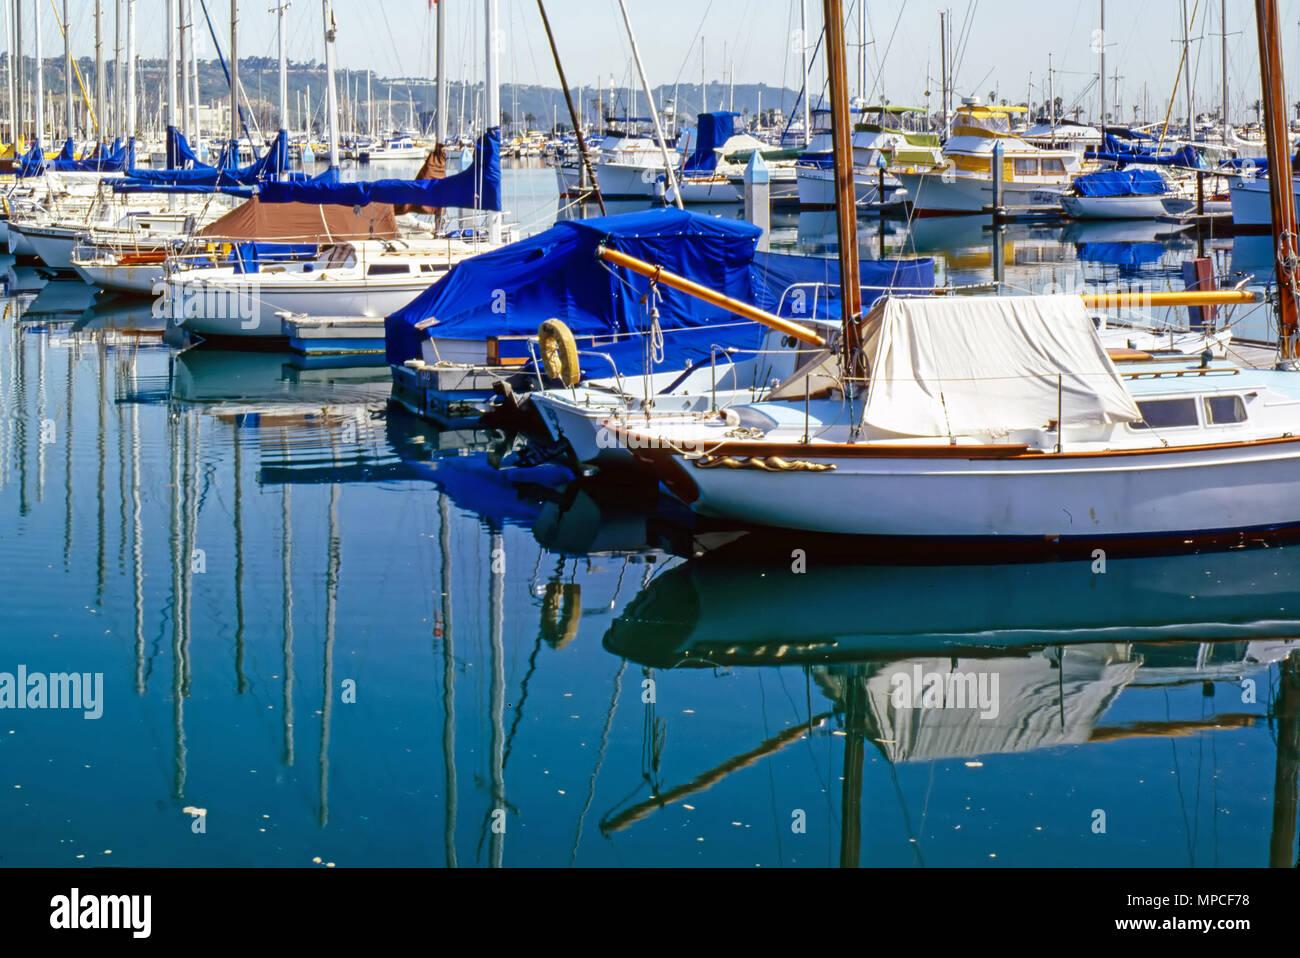 Marina in Dana Point, California - Stock Image